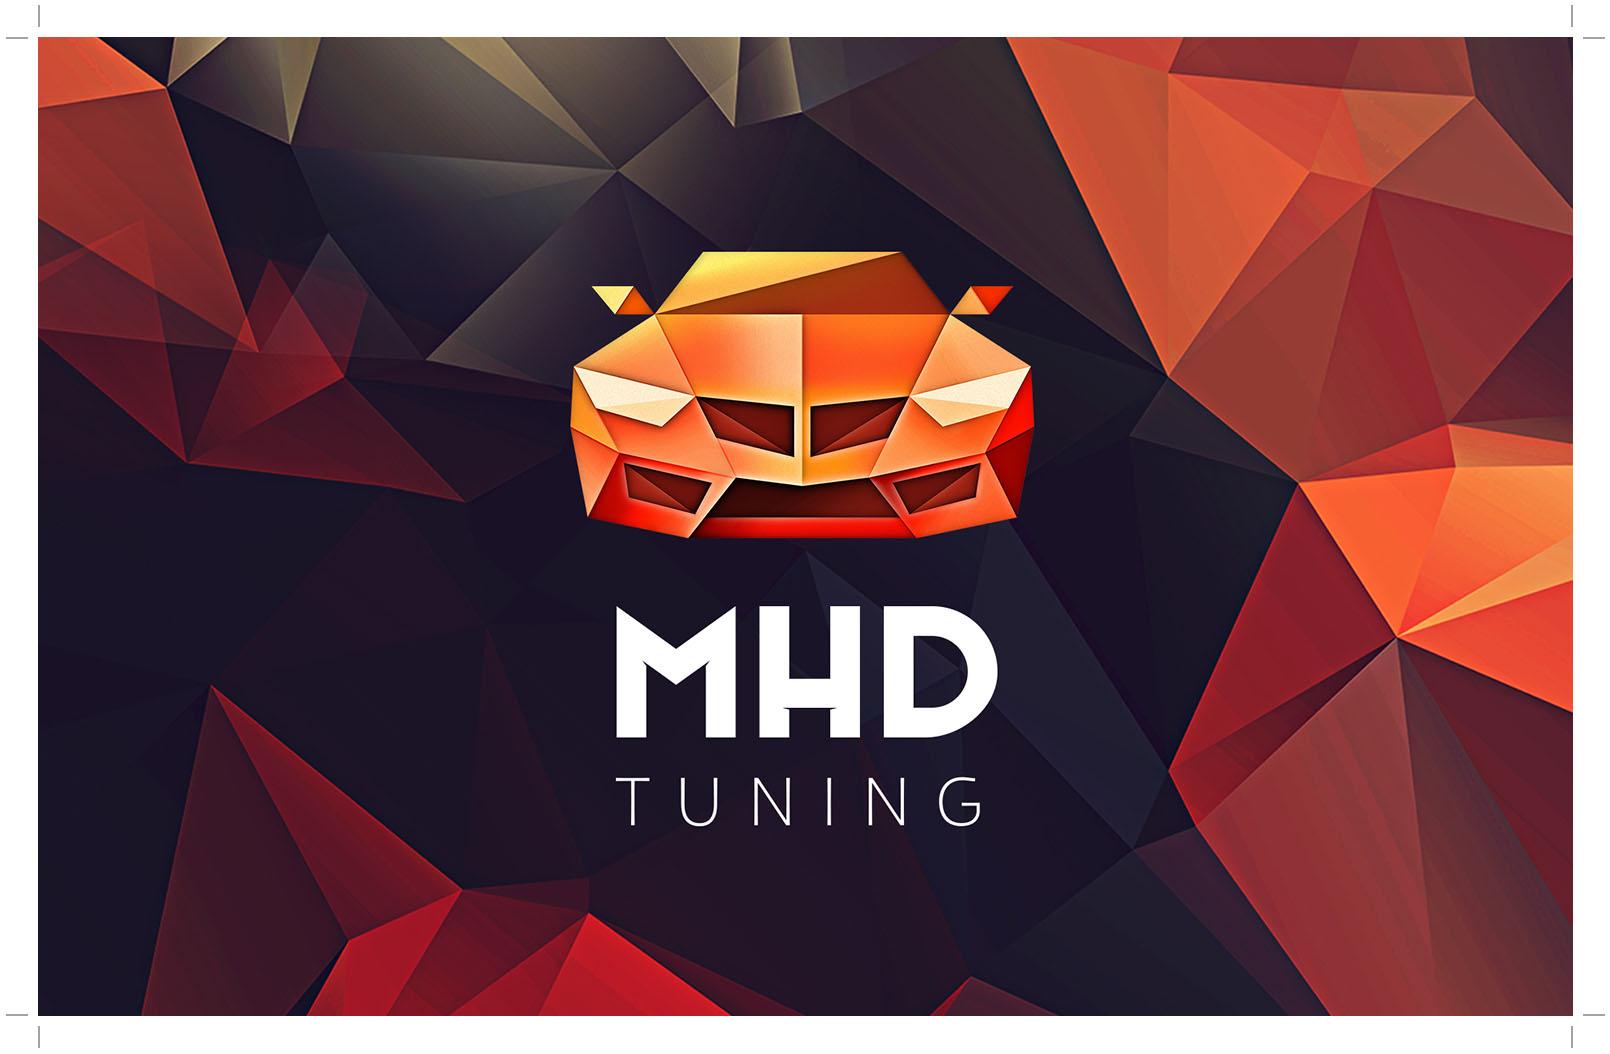 MHD Tuning CI 03